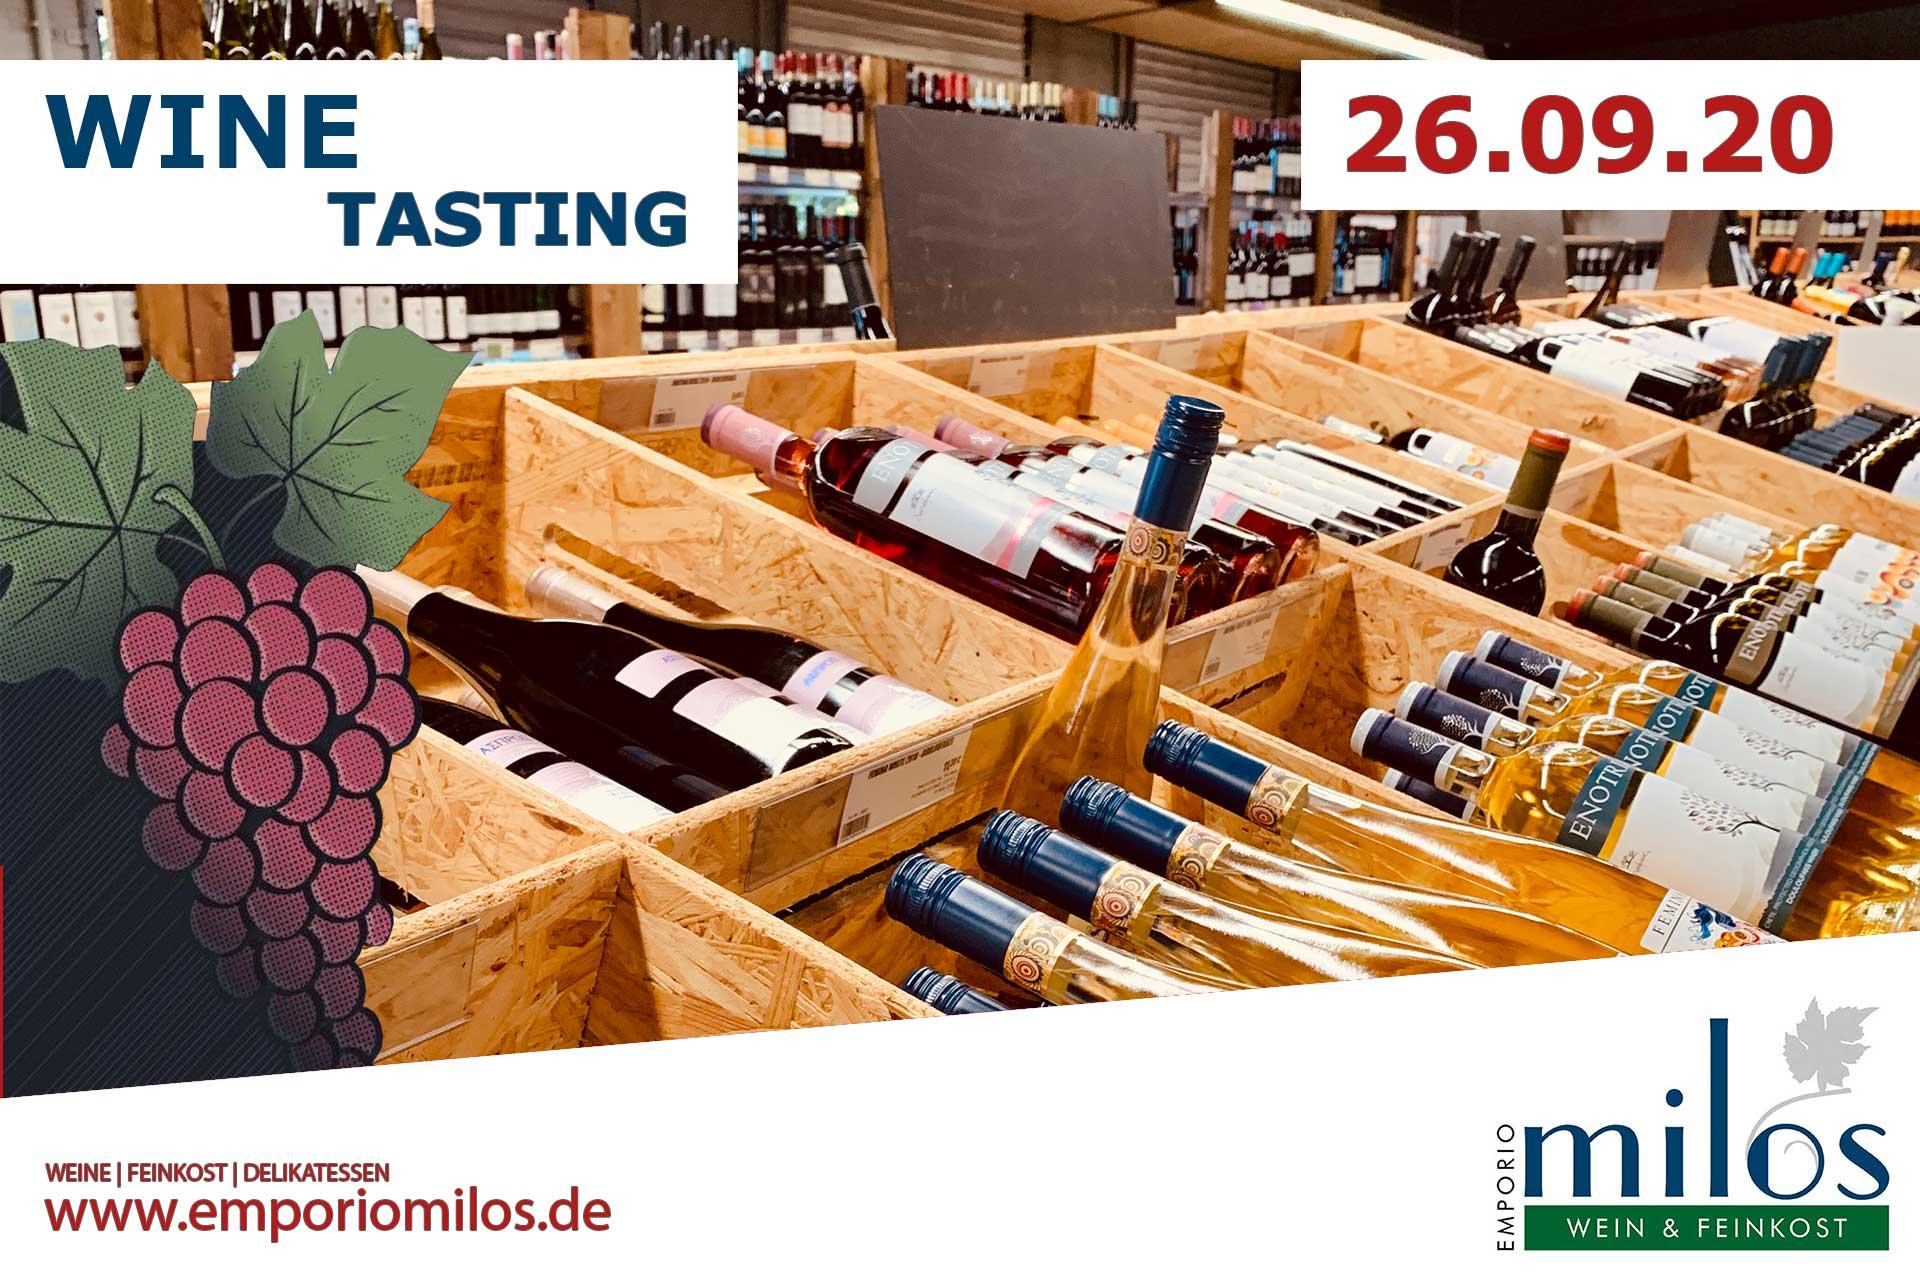 Weindegustation bei Milos Delikatessen am 26.09.2020